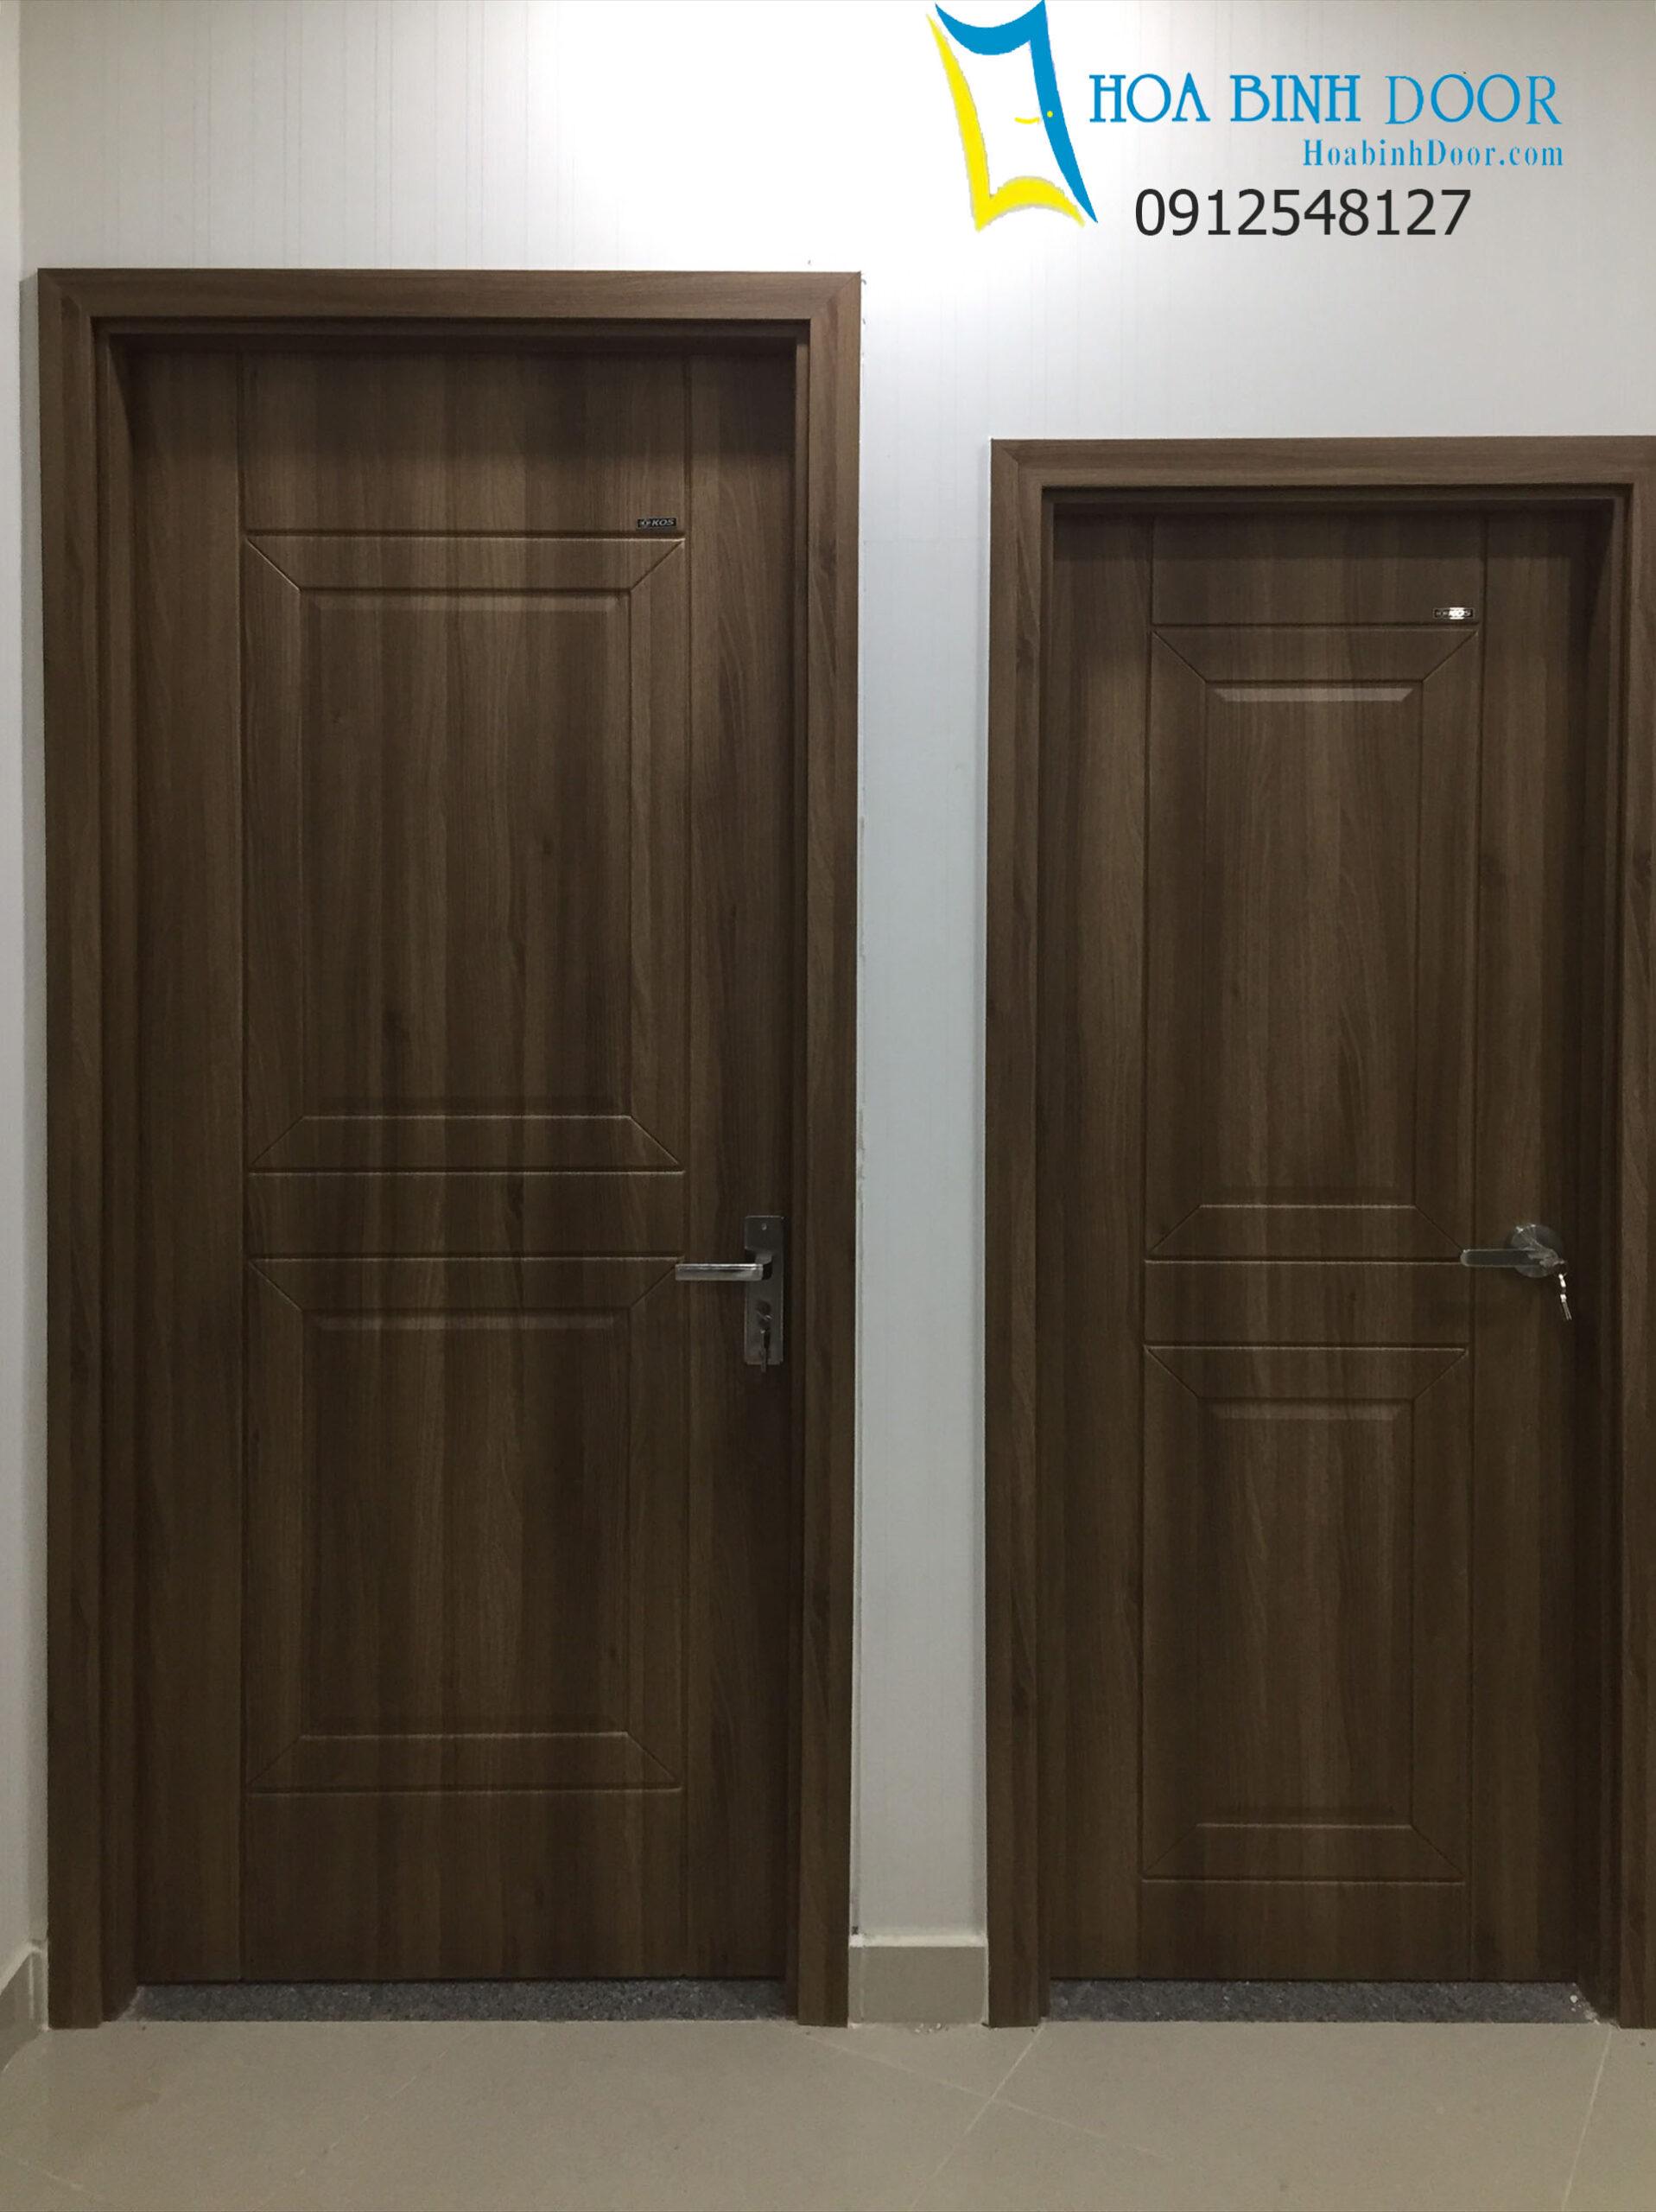 cửa nhựa gỗ